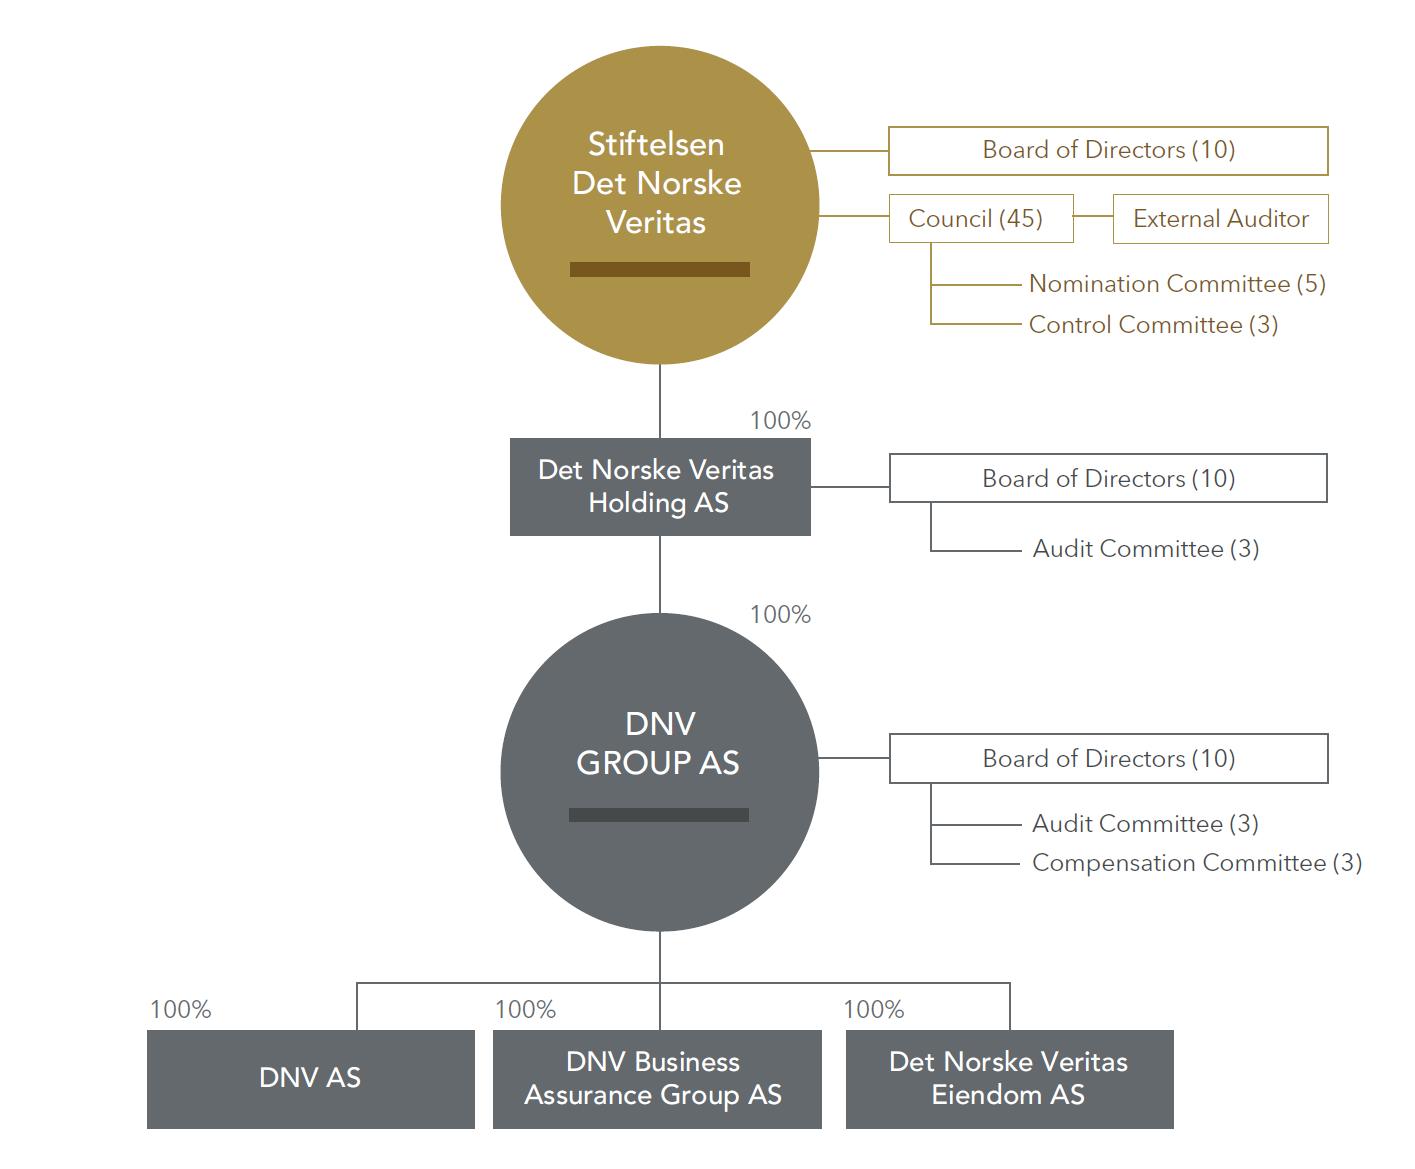 Stiftelsen DNV Corporate Governance structure